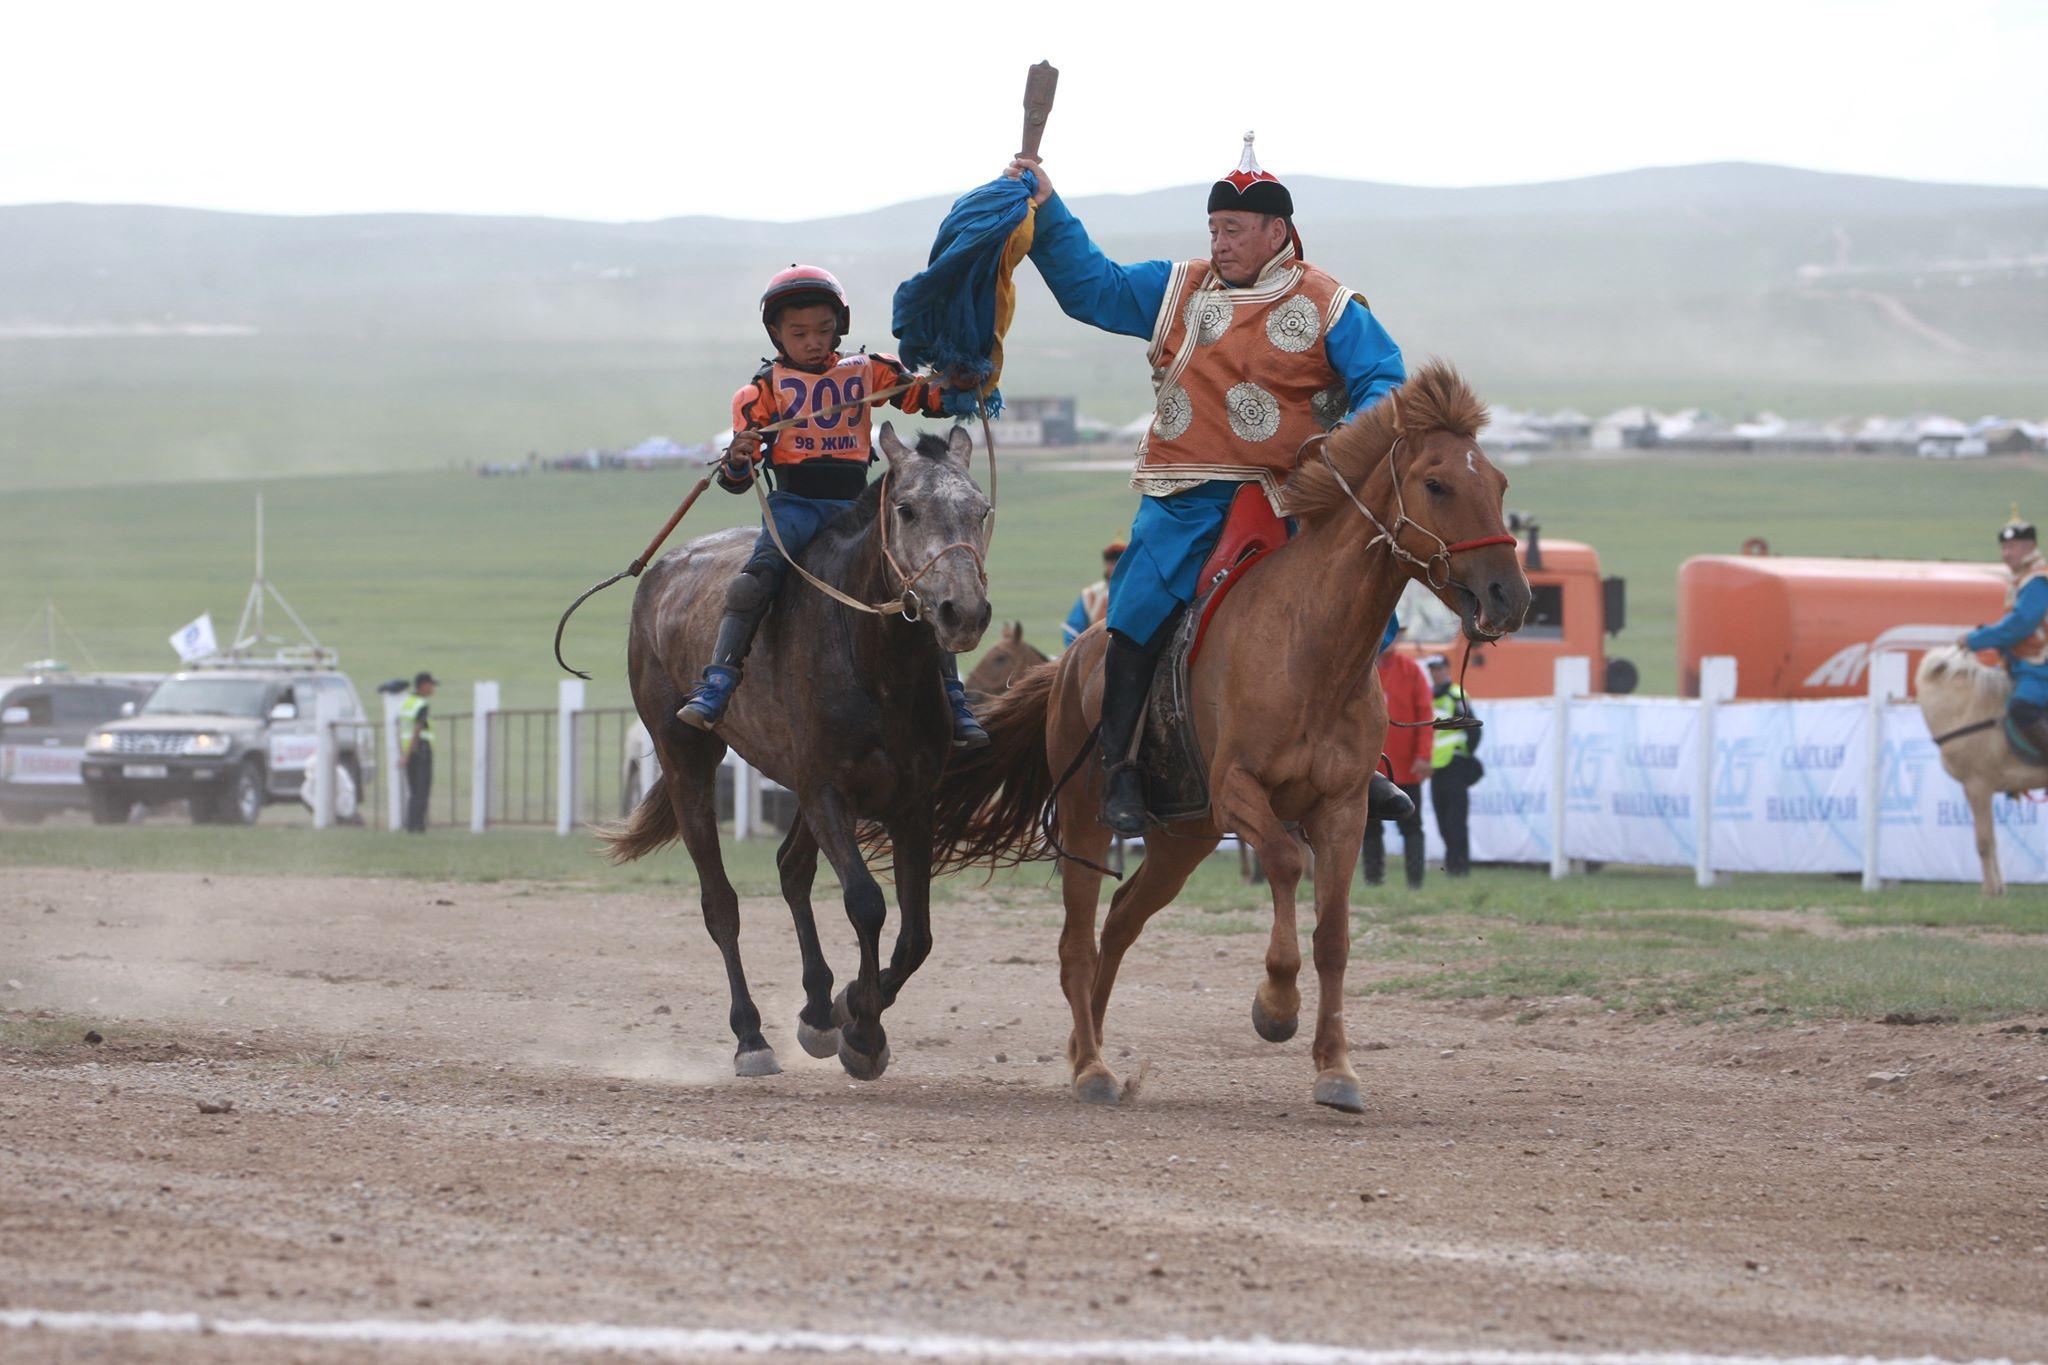 Их нас: Завхан аймгийн Тосонцэнгэл сумын уяач Т.Галбадрахын бор морь түрүүллээ